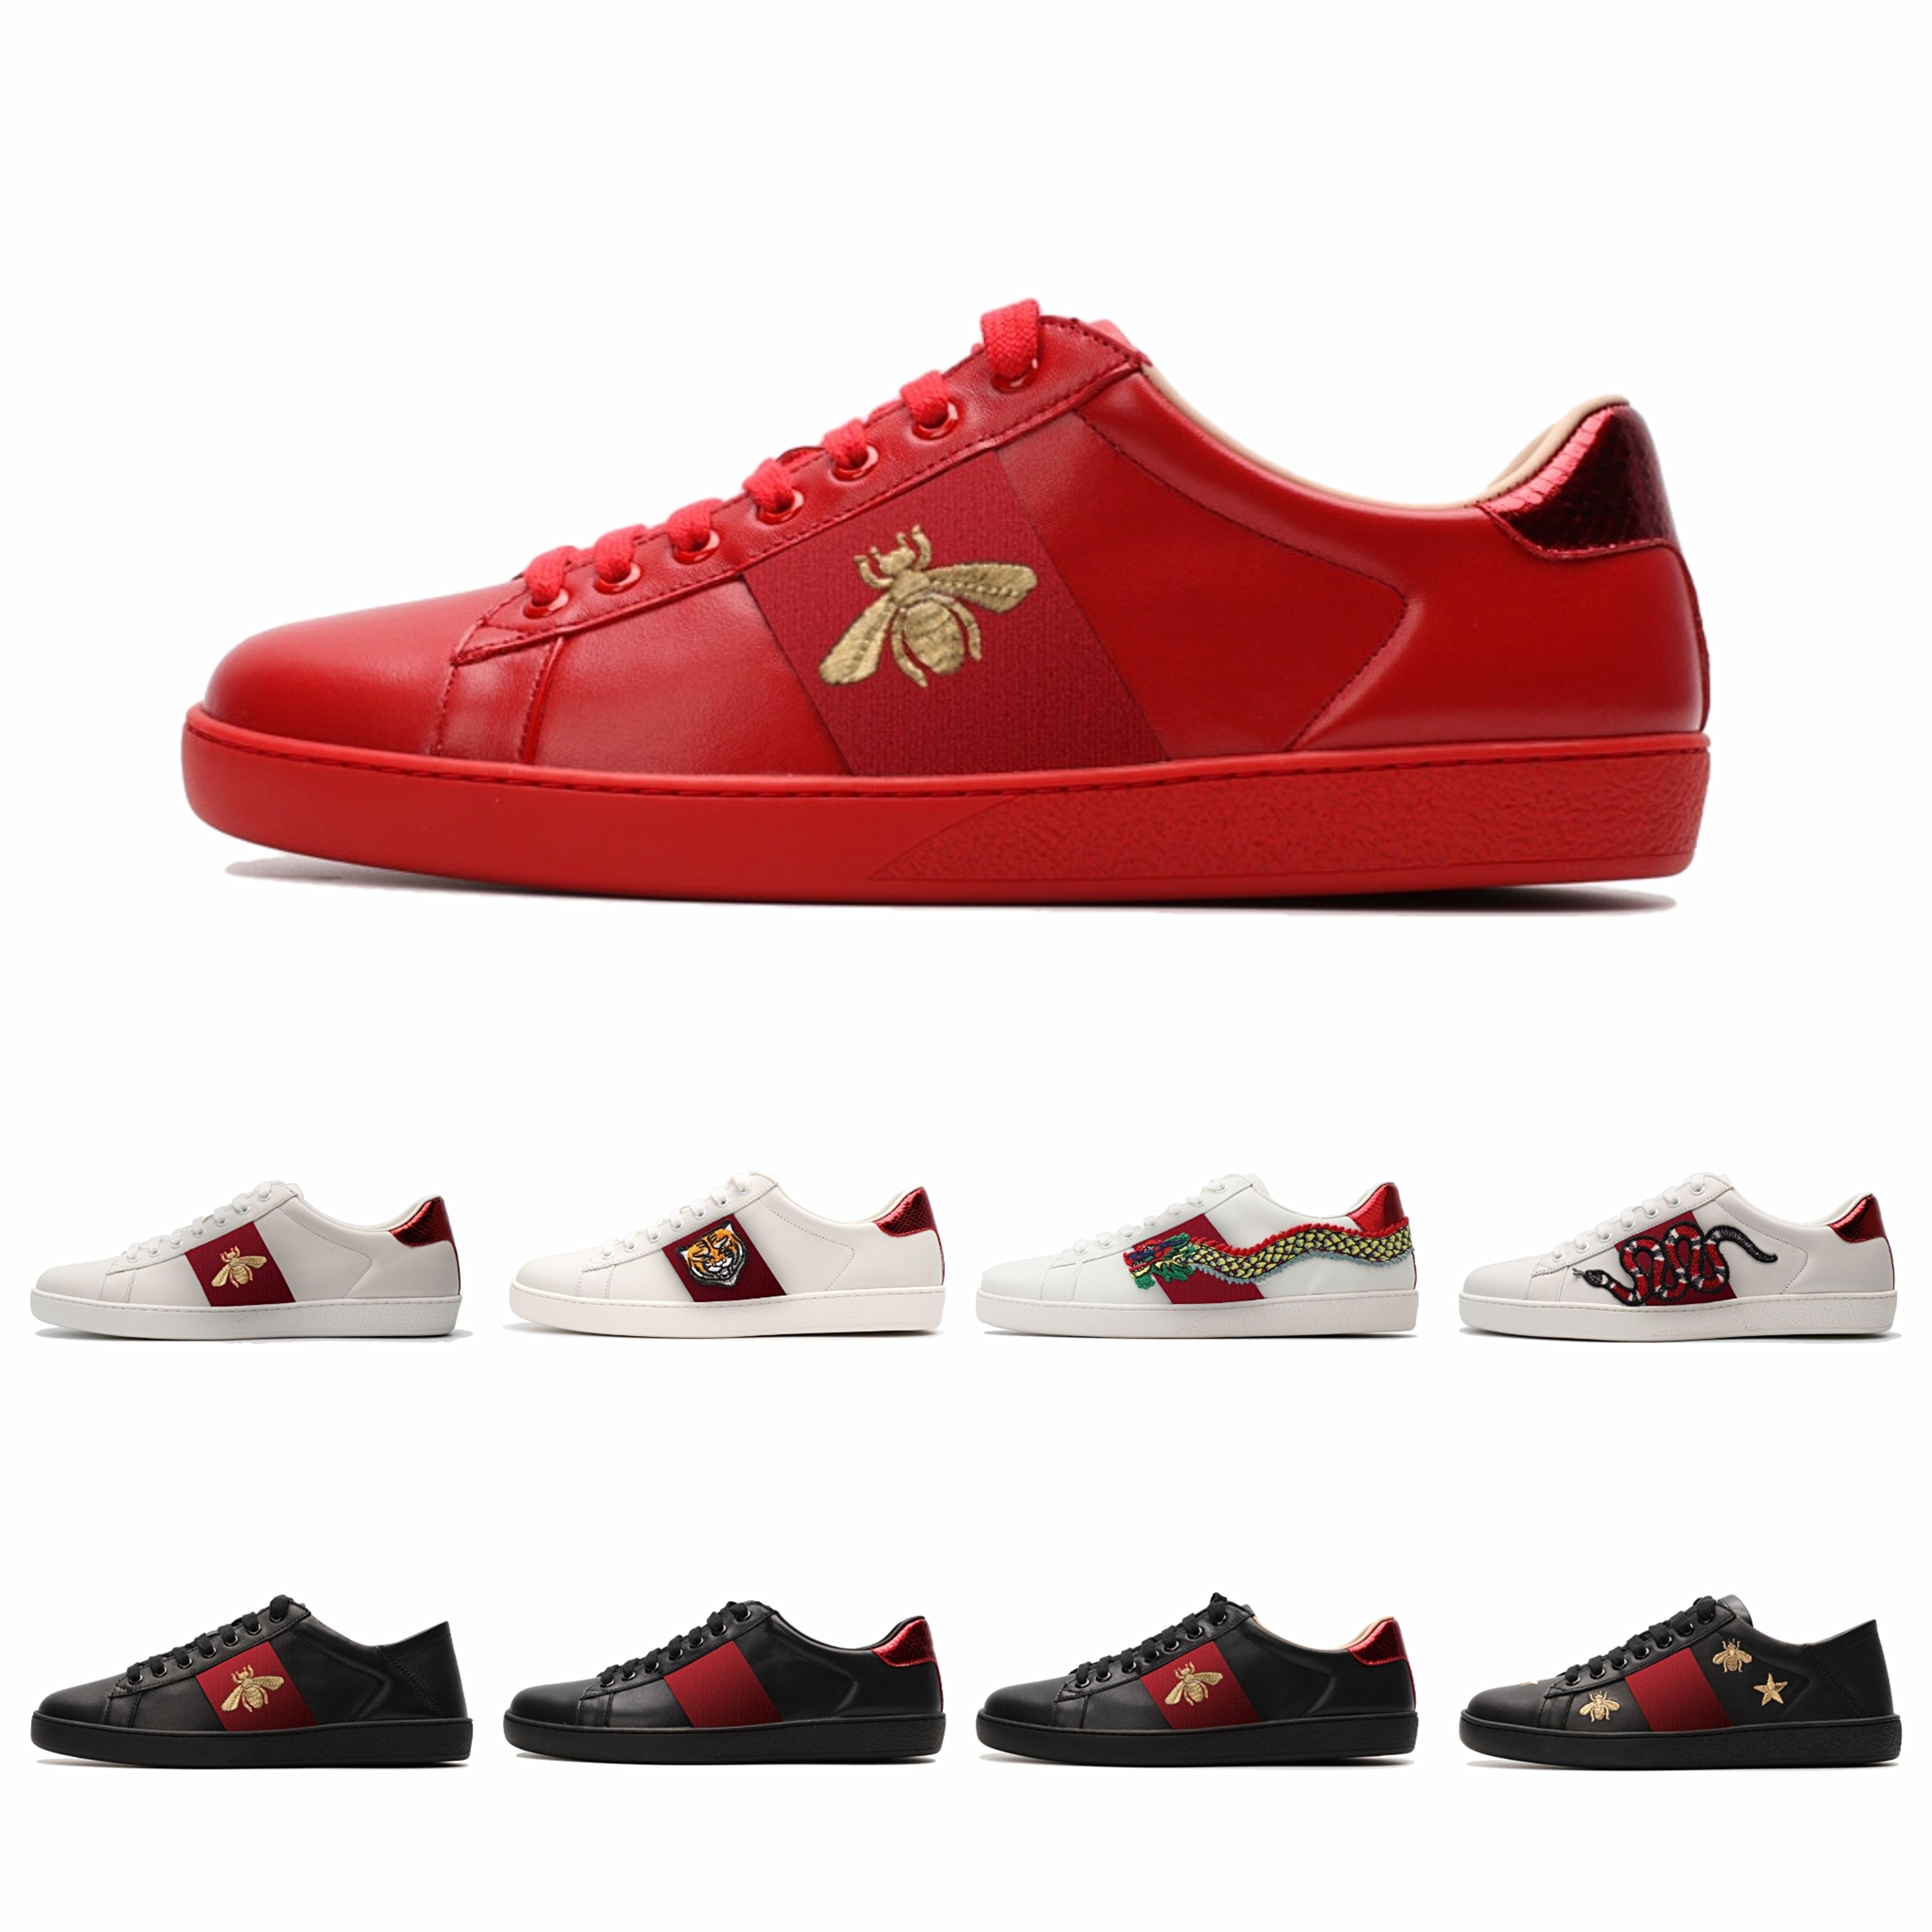 2021 En Kaliteli Erkek Kadın Sneaker Rahat Ayakkabılar Yılan Chaussures Deri Sneakers ACE Arı Nakış Çizgili Ayakkabı Yürüyüş Spor Eğitmenleri Kaplan Boyutu 36-46